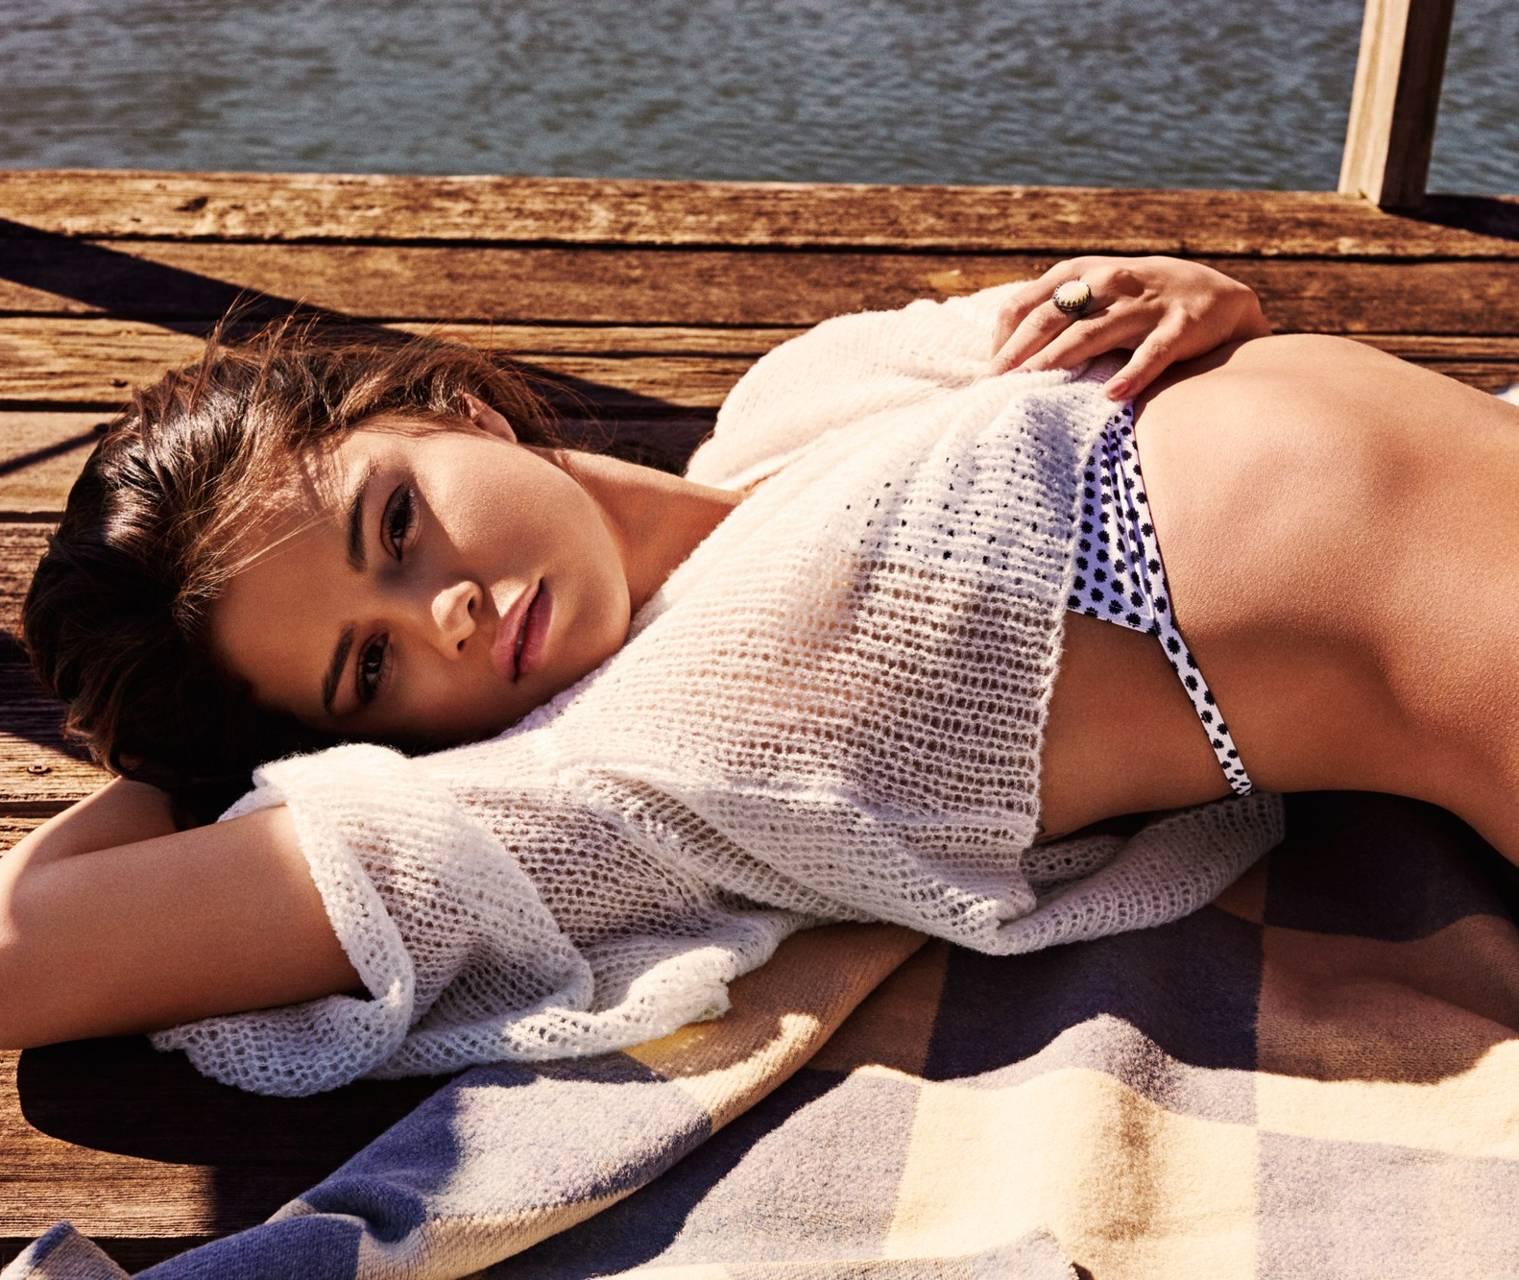 Selena Gomez vếu to gợi cảm và bộ hình nền HD wallpaper miễn phí cho điện thoại